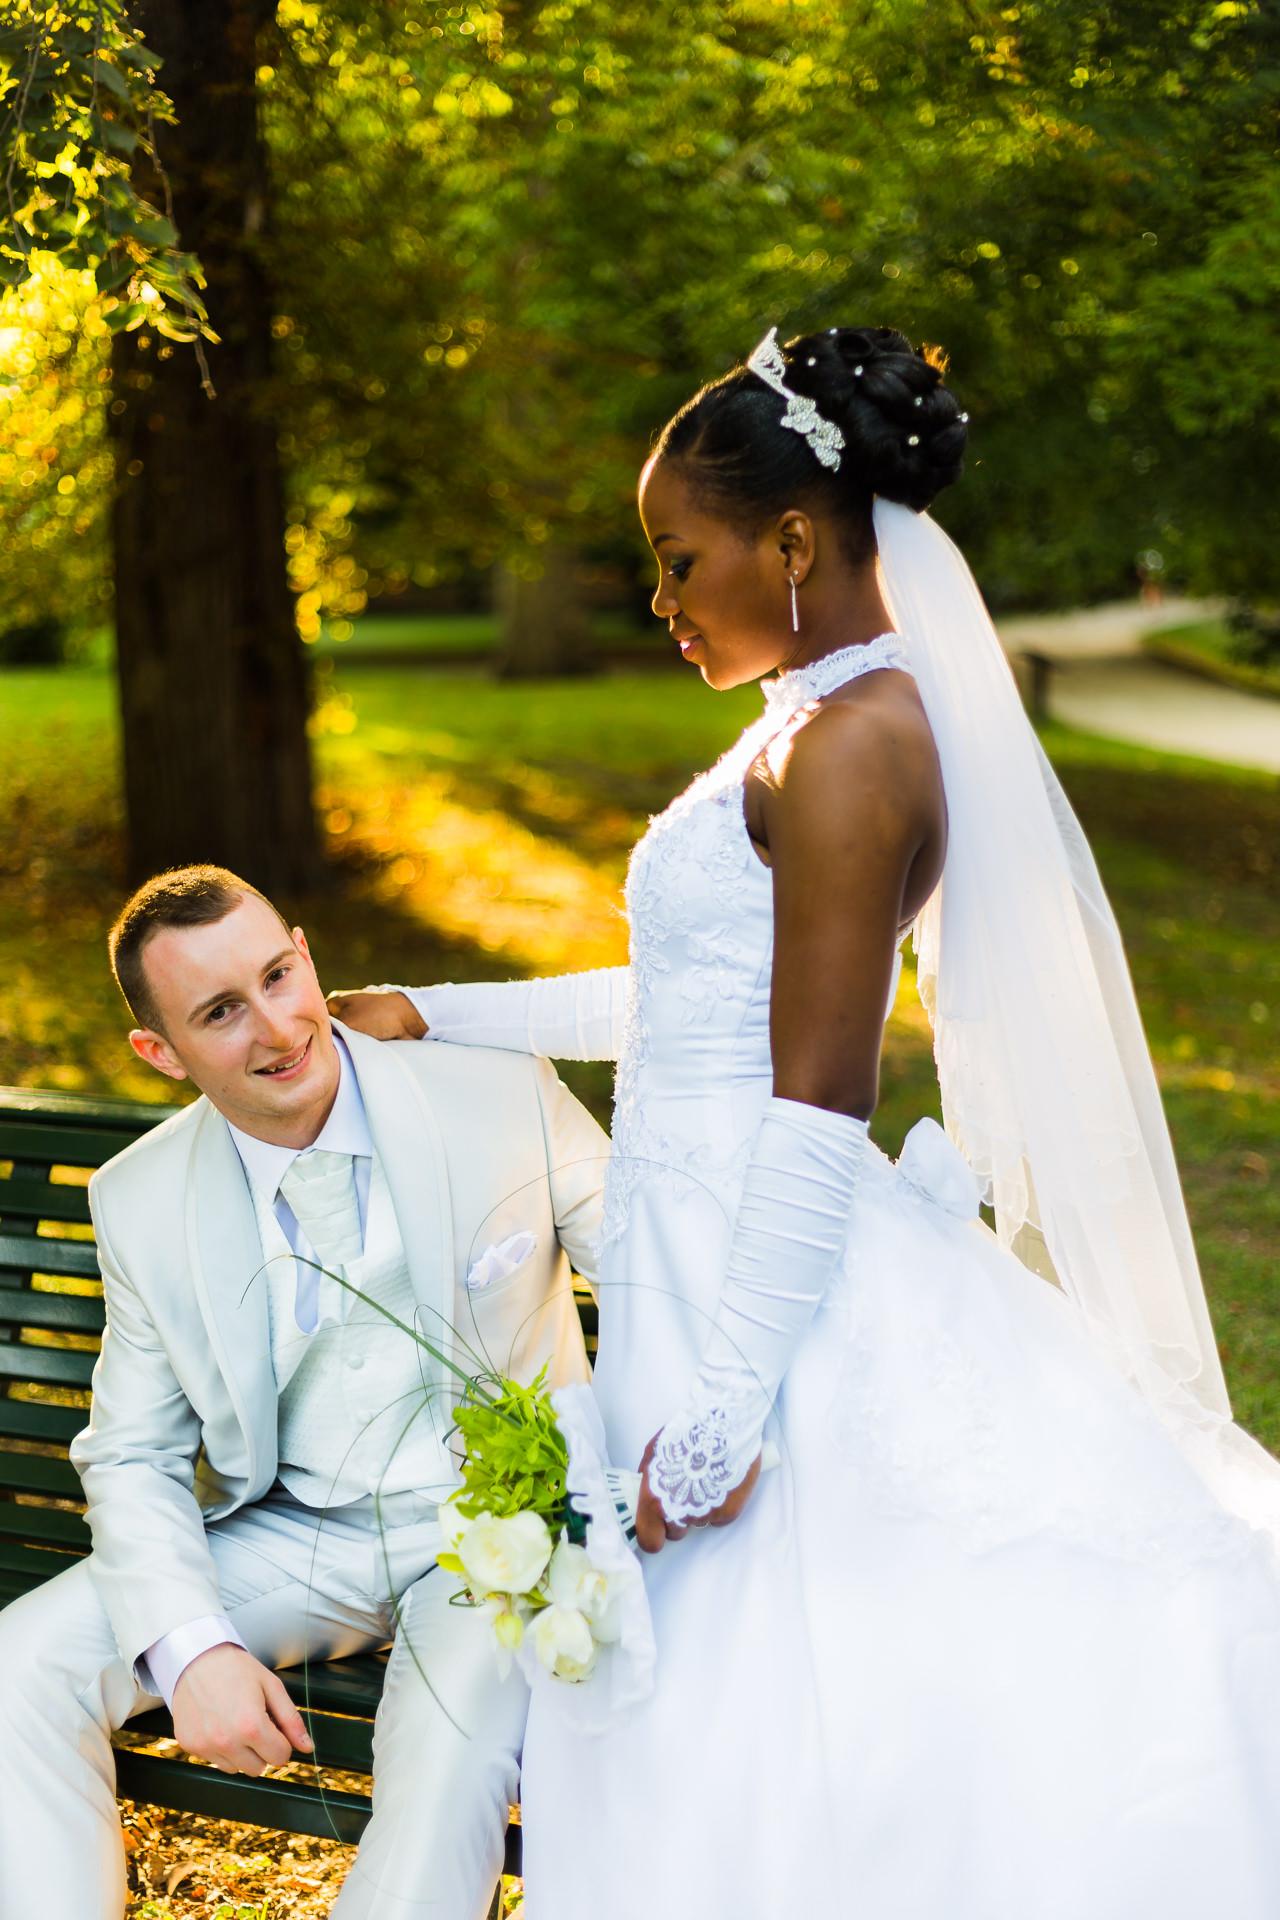 Splendide wedding photographie et video de mariage val de marne fidelia et giovanni-10